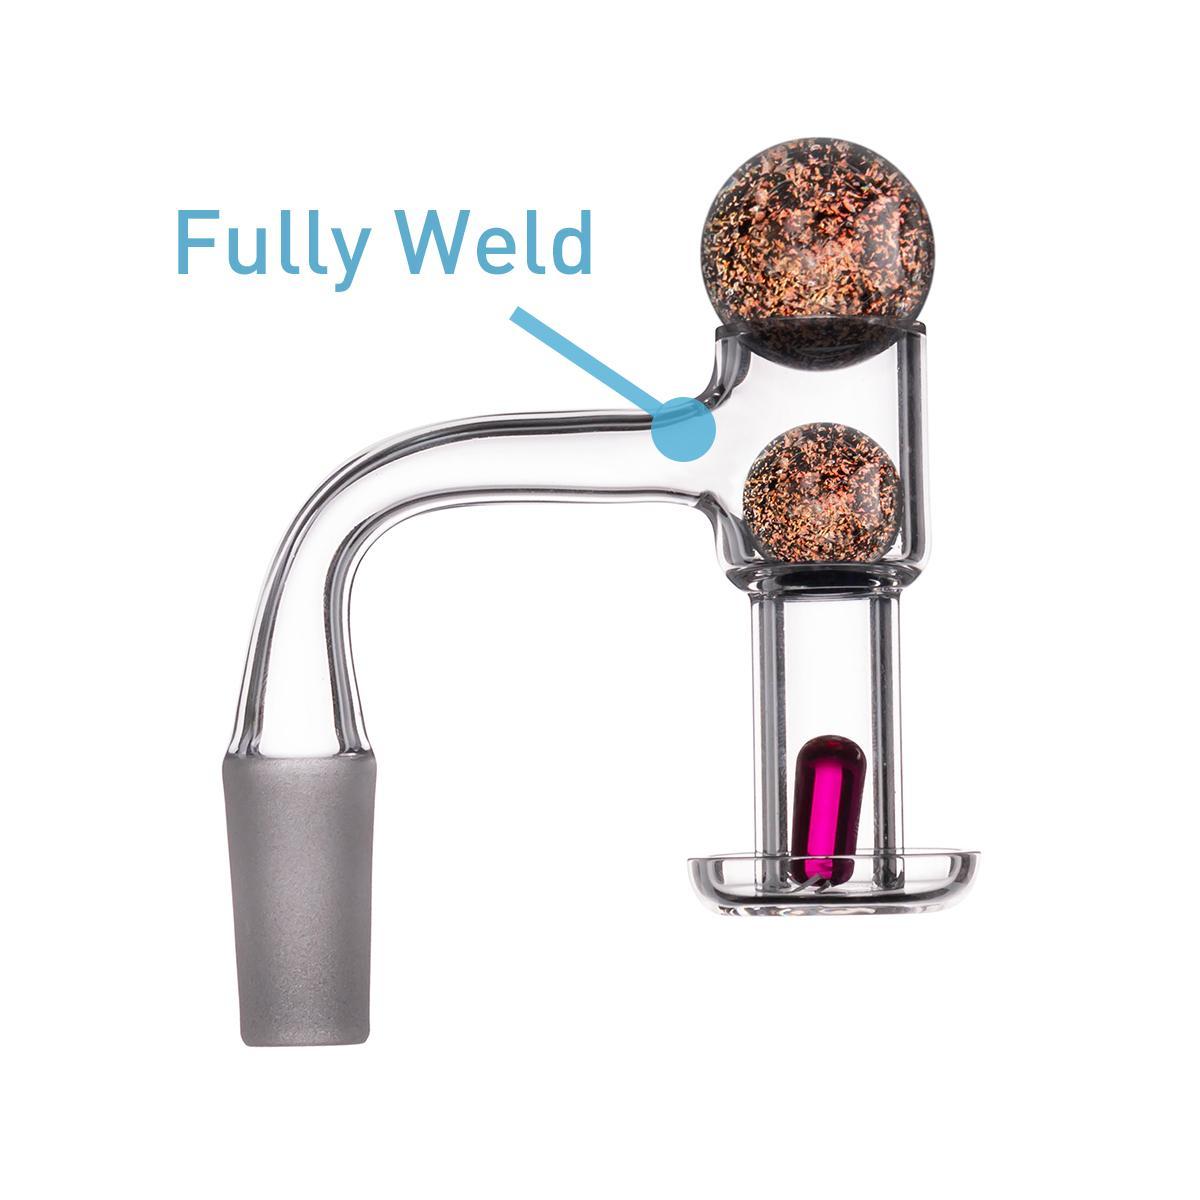 Rauchen Zubehör Vollschweißungsquarz Banger Kit mit Rubin-Pille 45 ° 90 ° weiblicher Mann 14mm 18mm Nagel für Glas DAB-Rigg